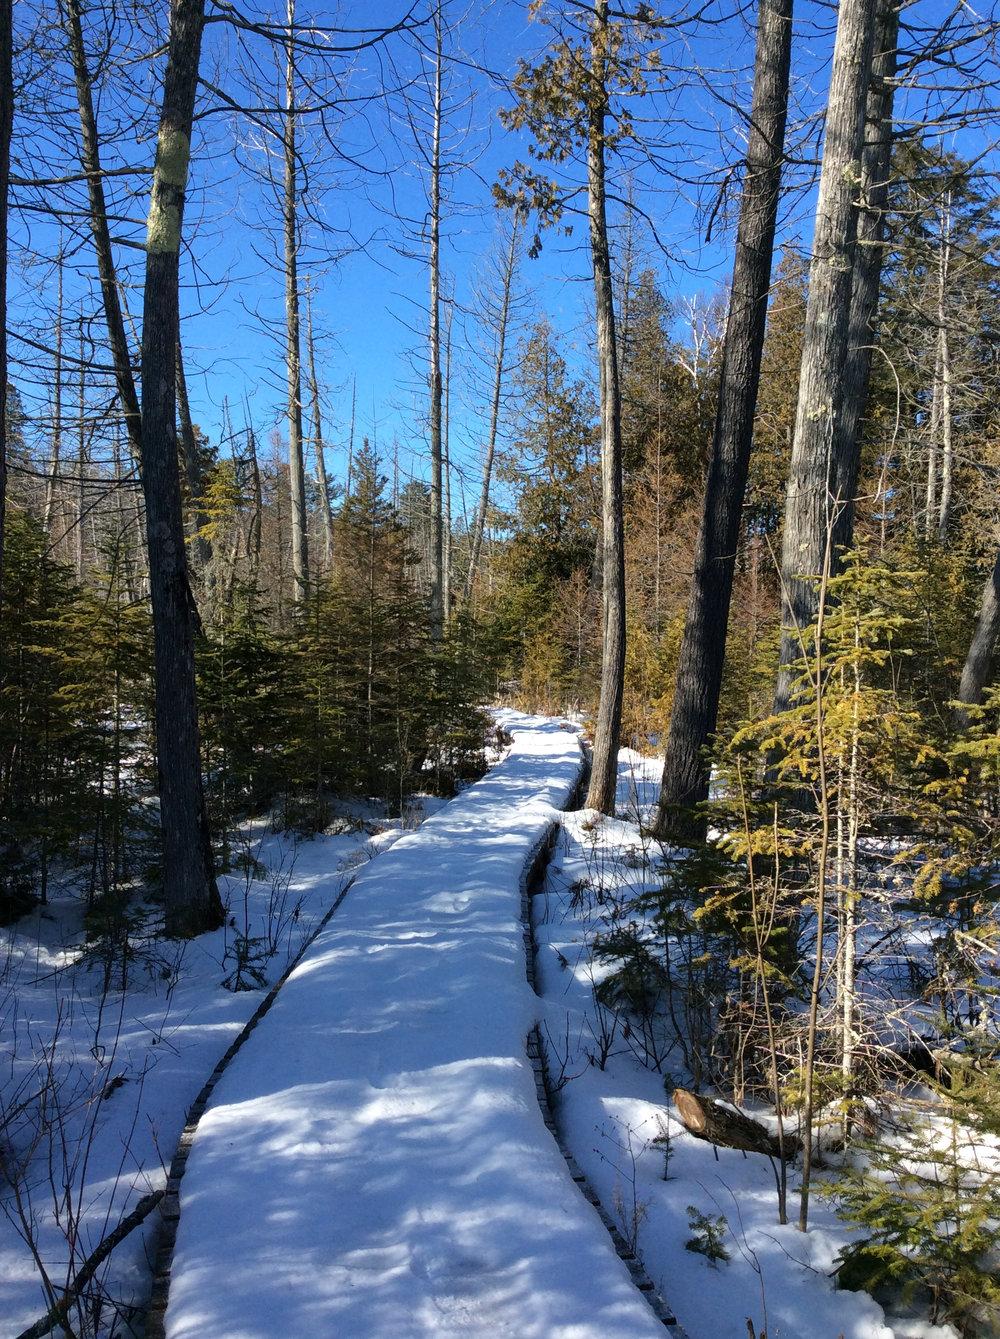 Boardwalks in Winter